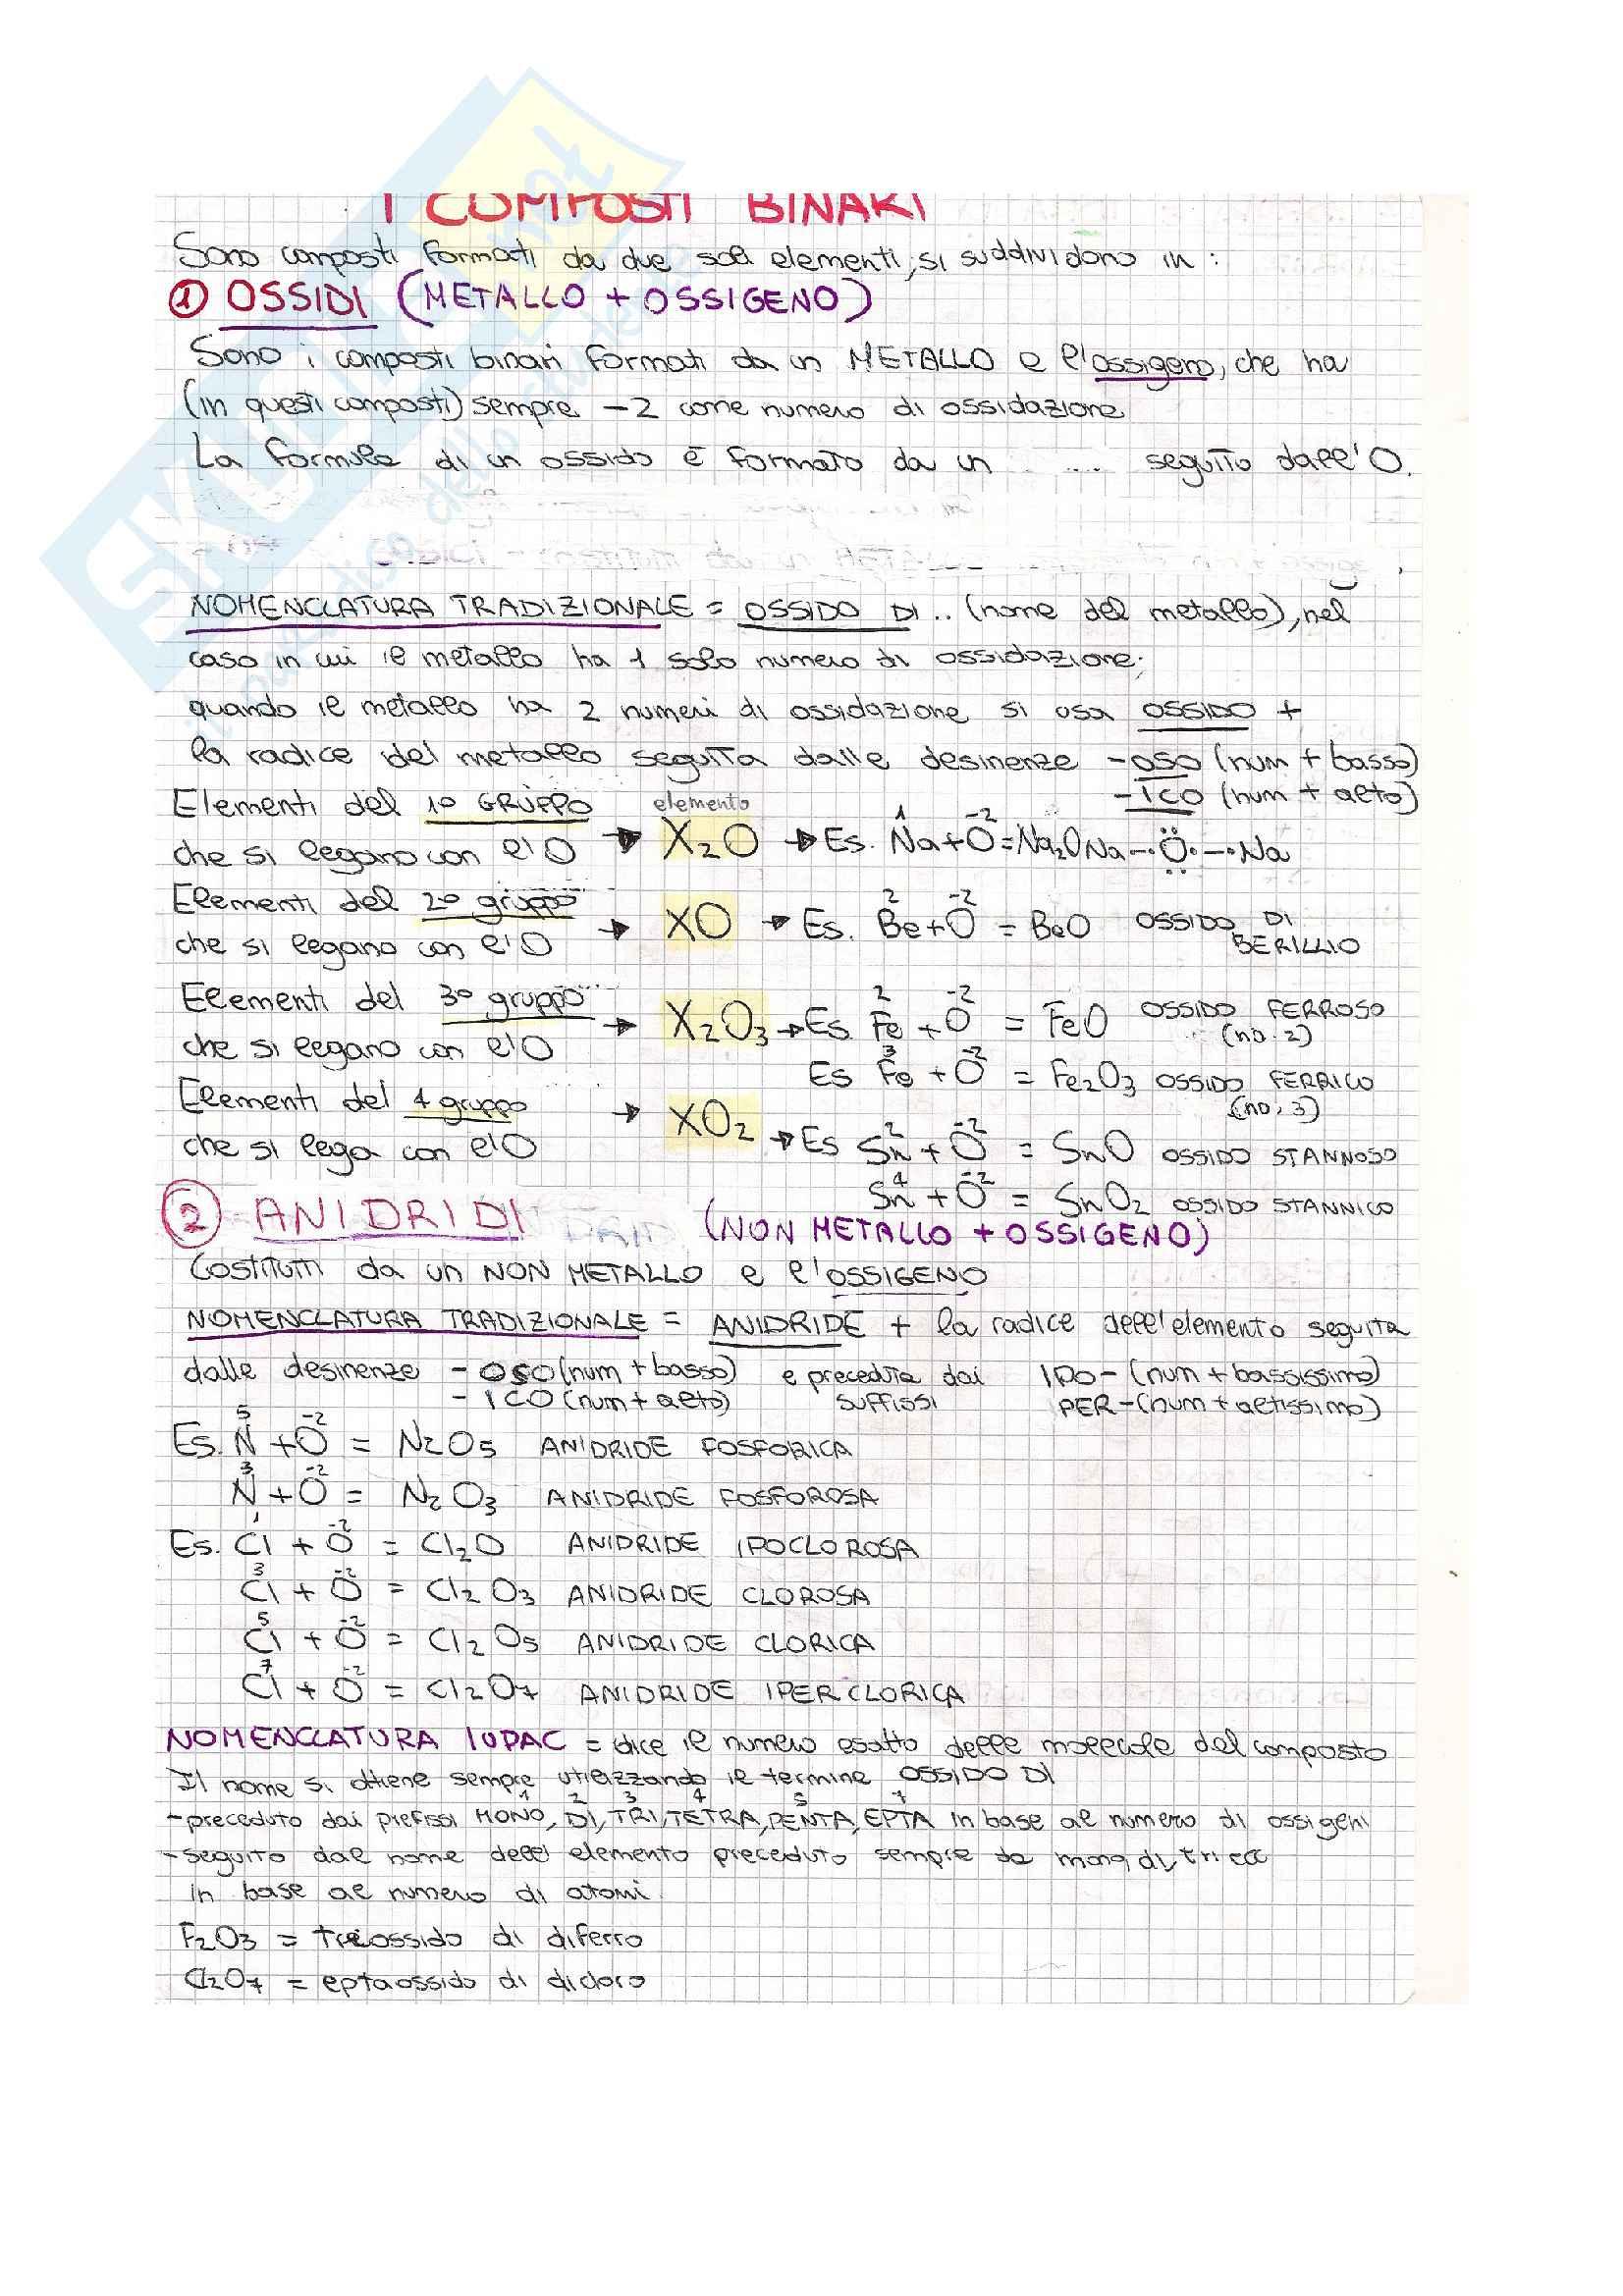 Appunti su Composti binari, composti ternari, sali e reazioni di preparazione